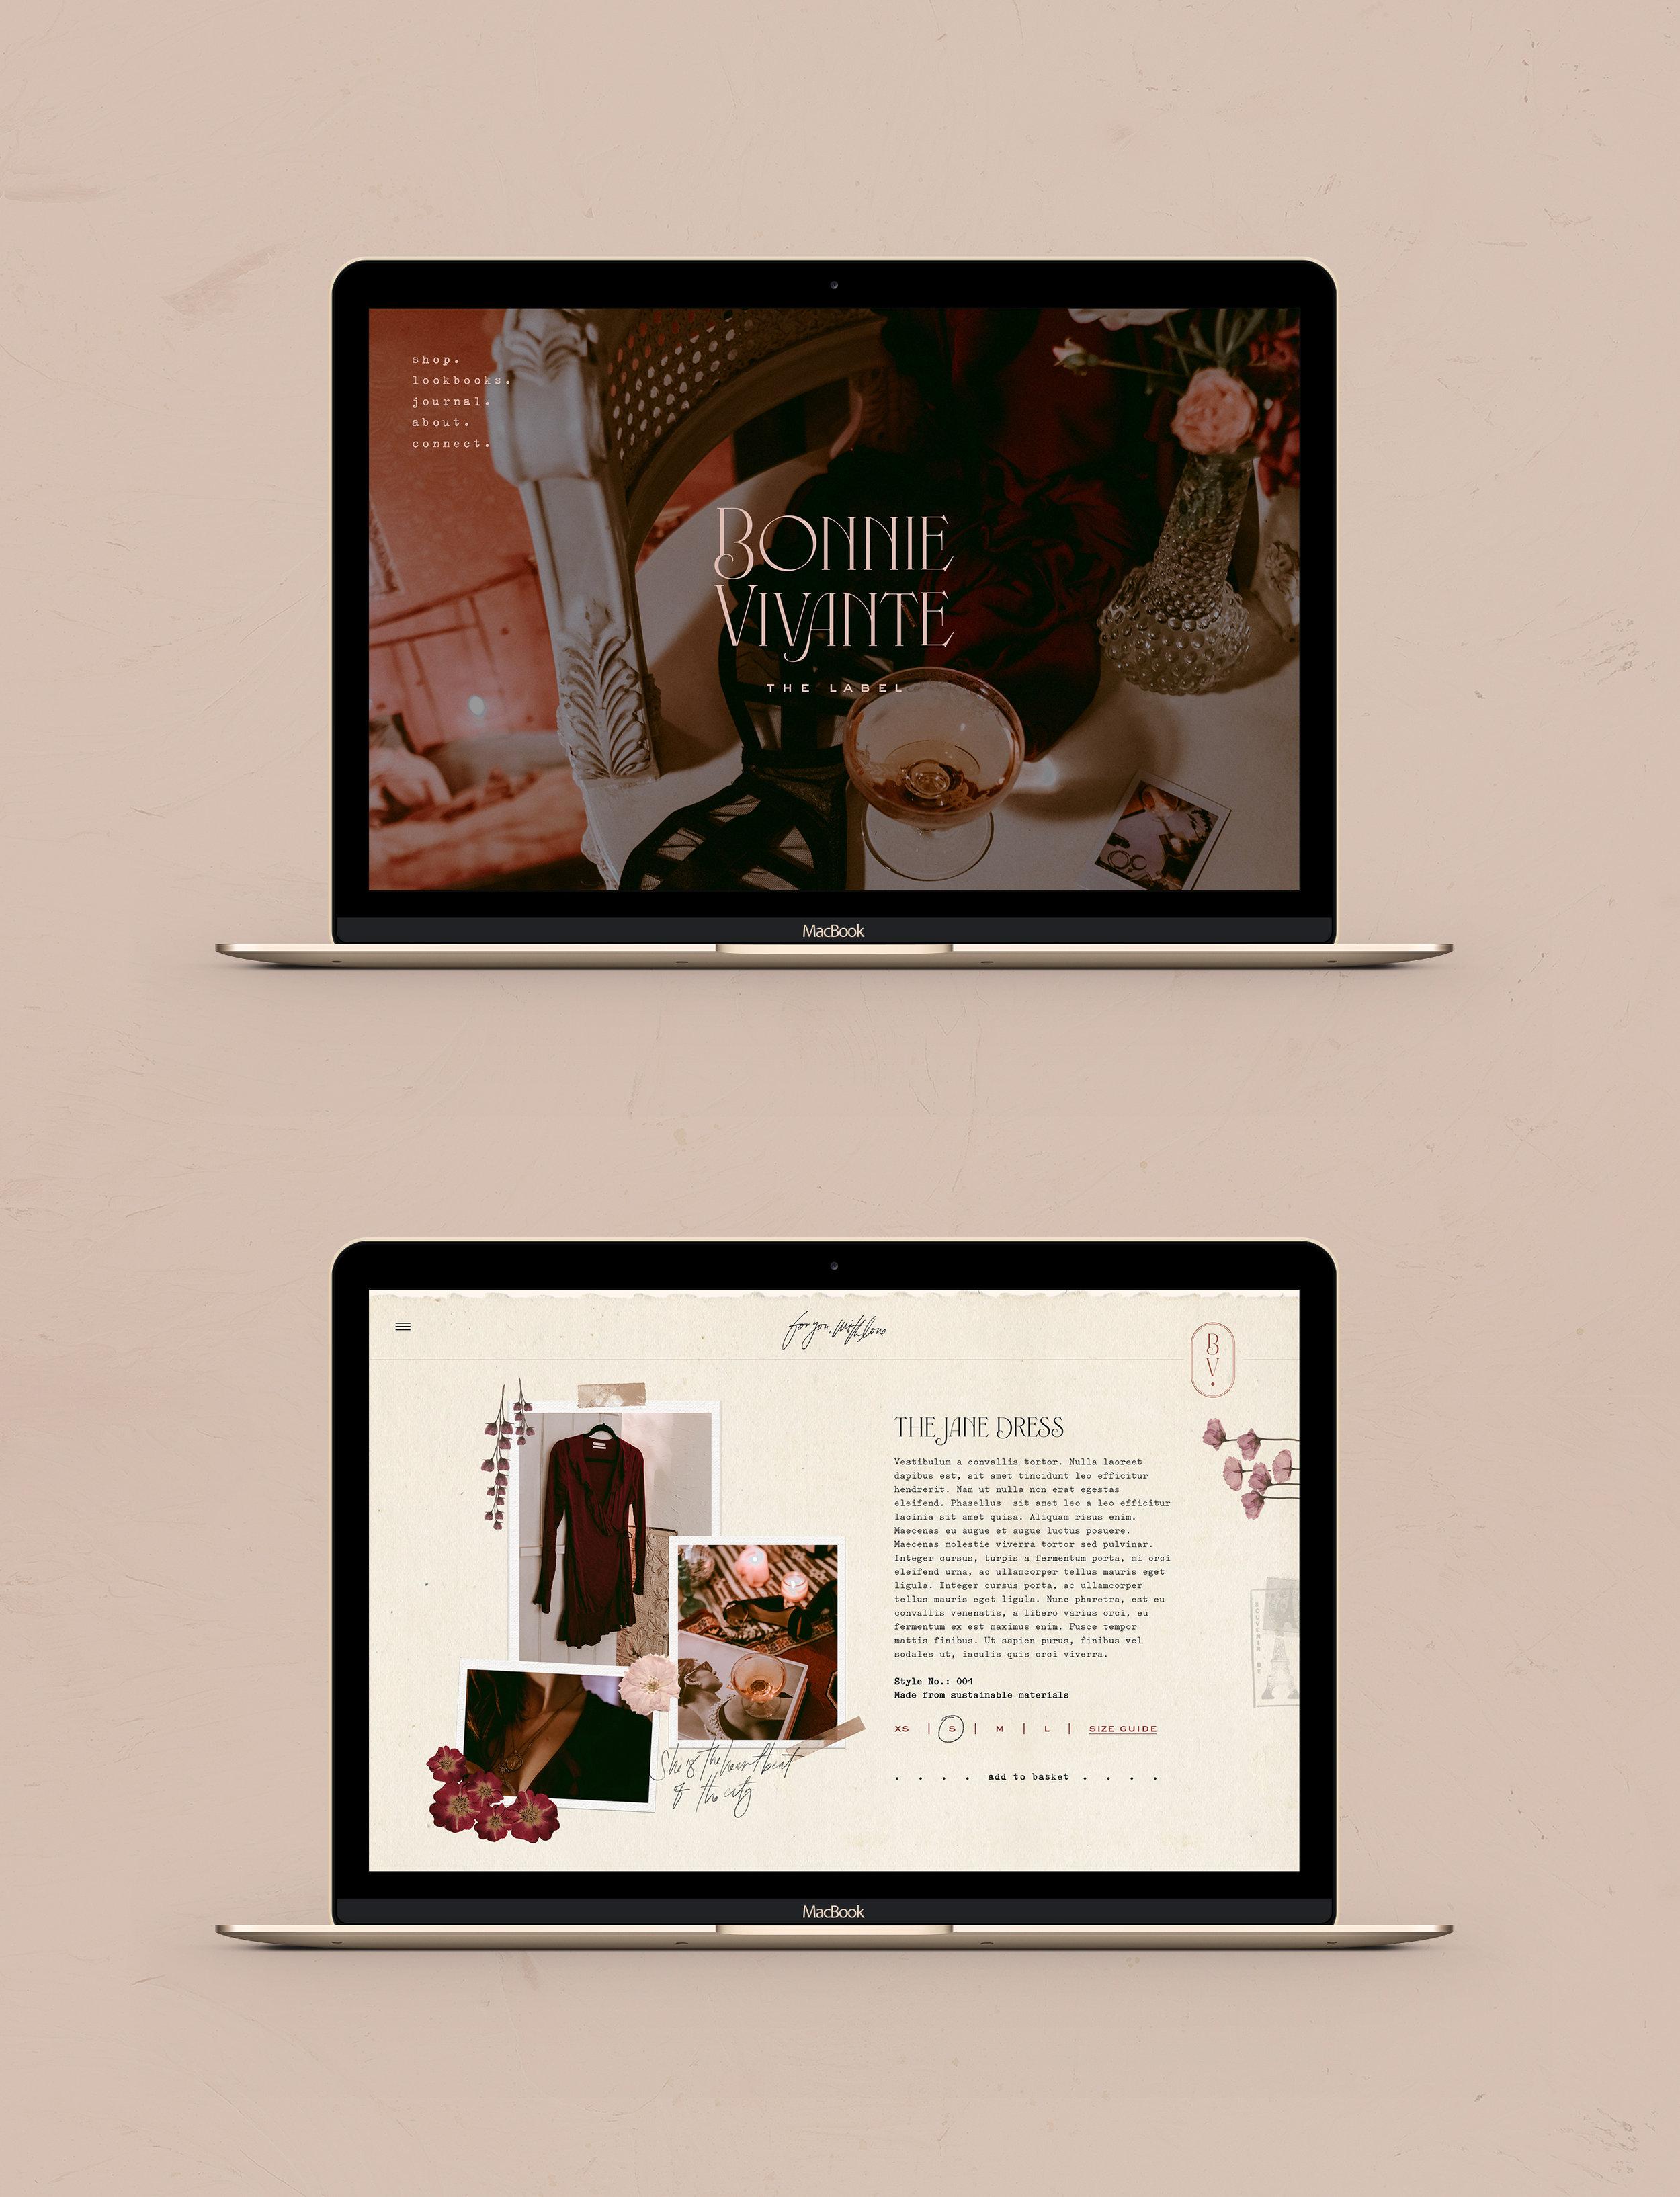 bv-website-duo.jpg